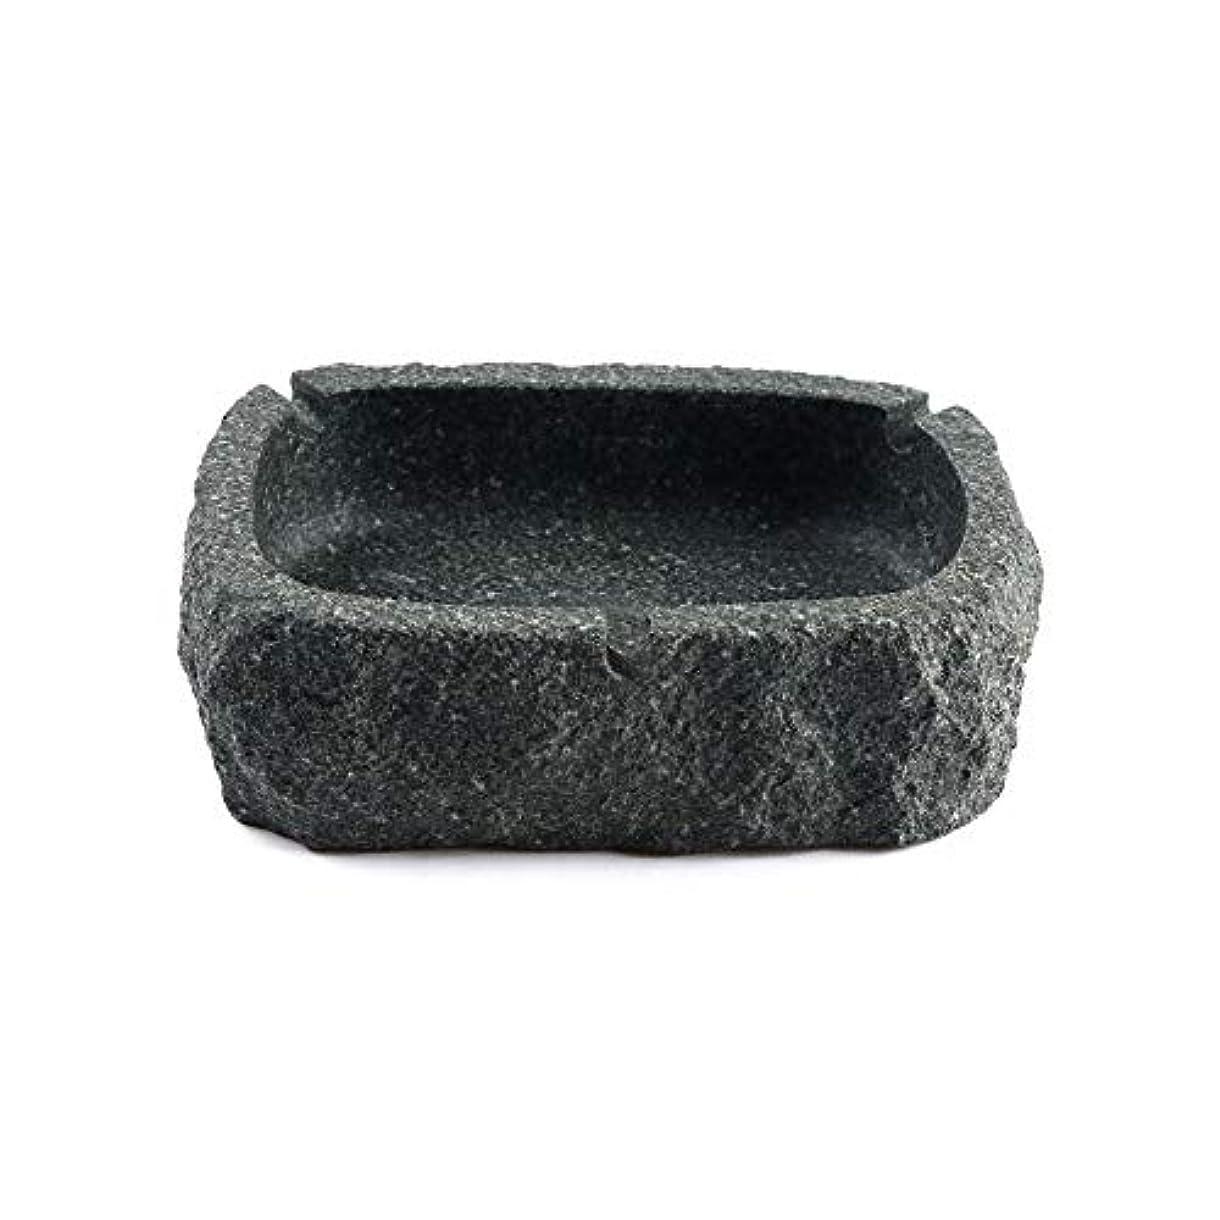 険しい分散実質的パーフェクトブルーストーン灰皿ブラック灰皿